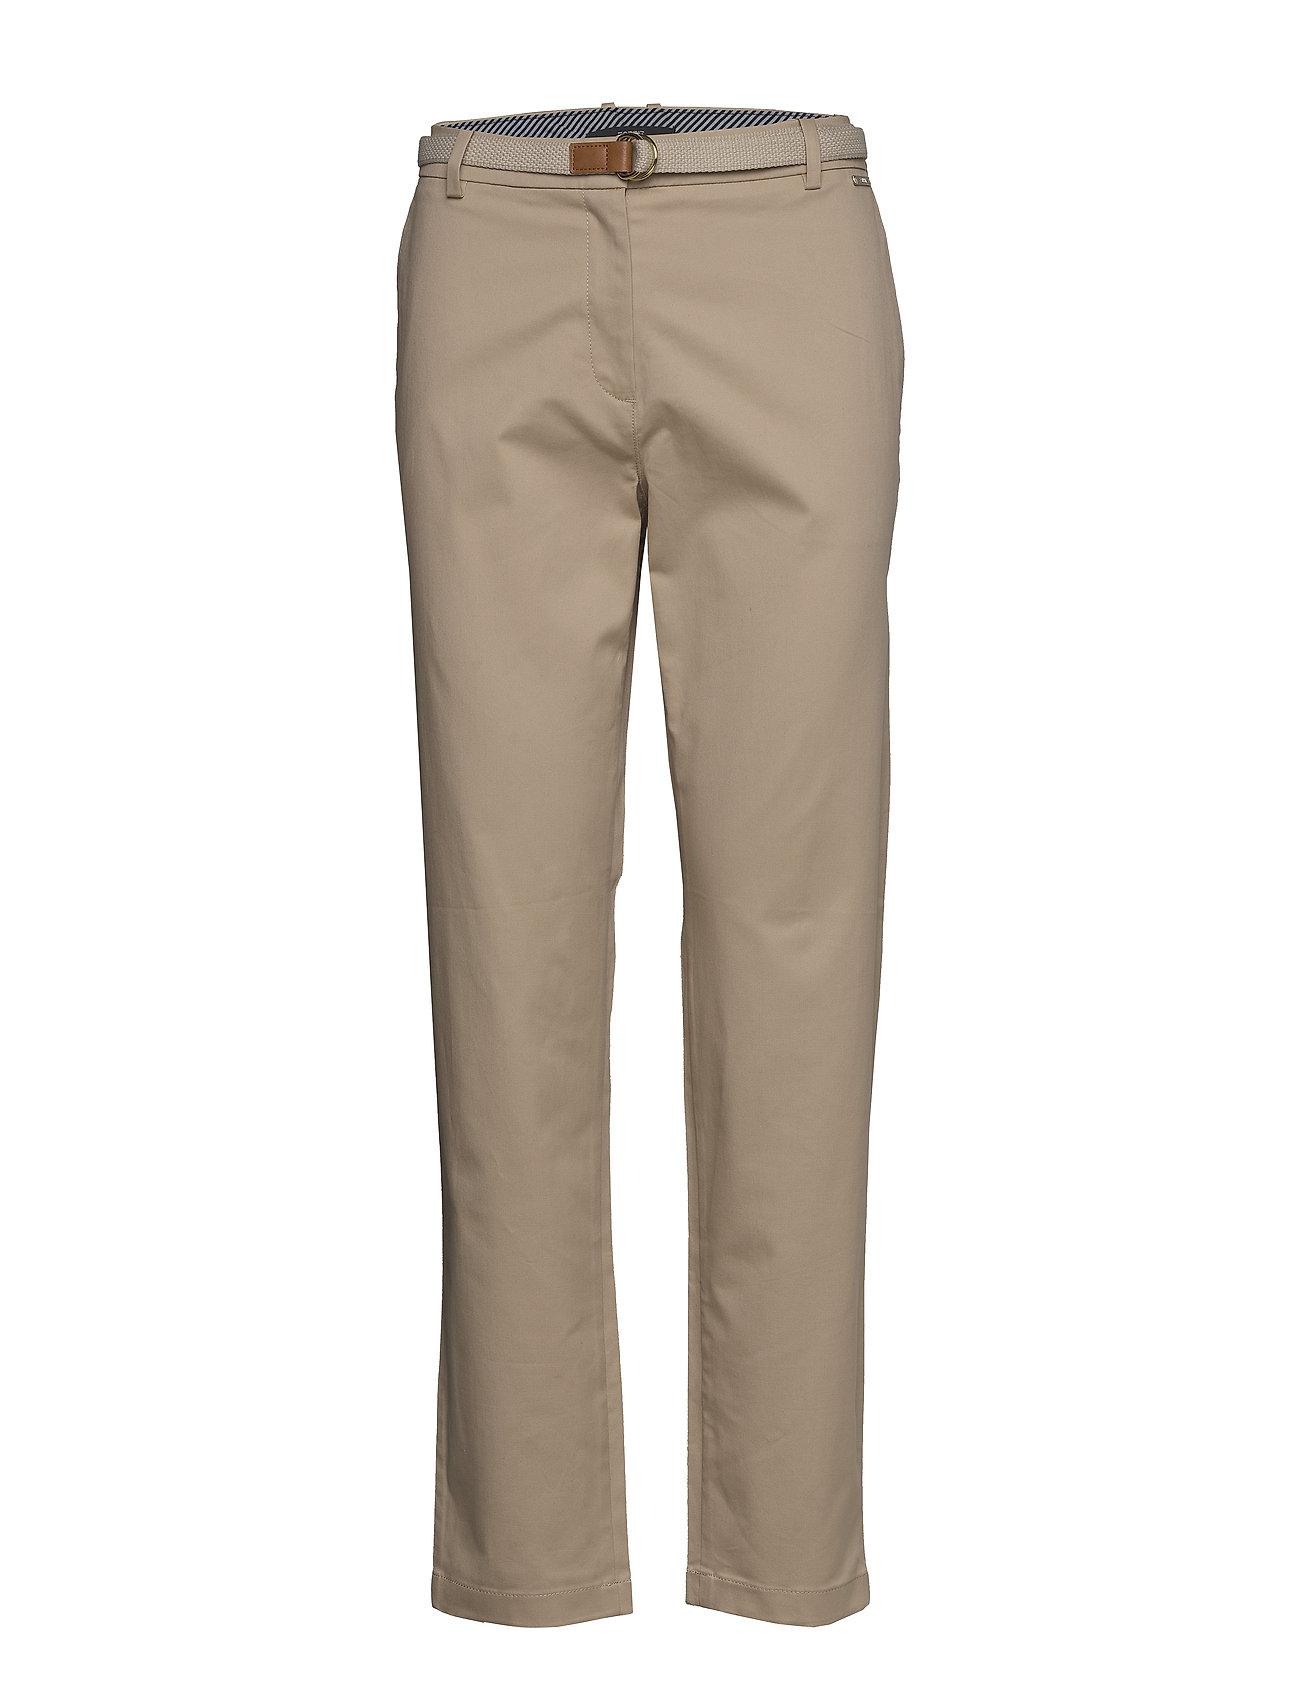 Esprit Collection Pants woven - BEIGE